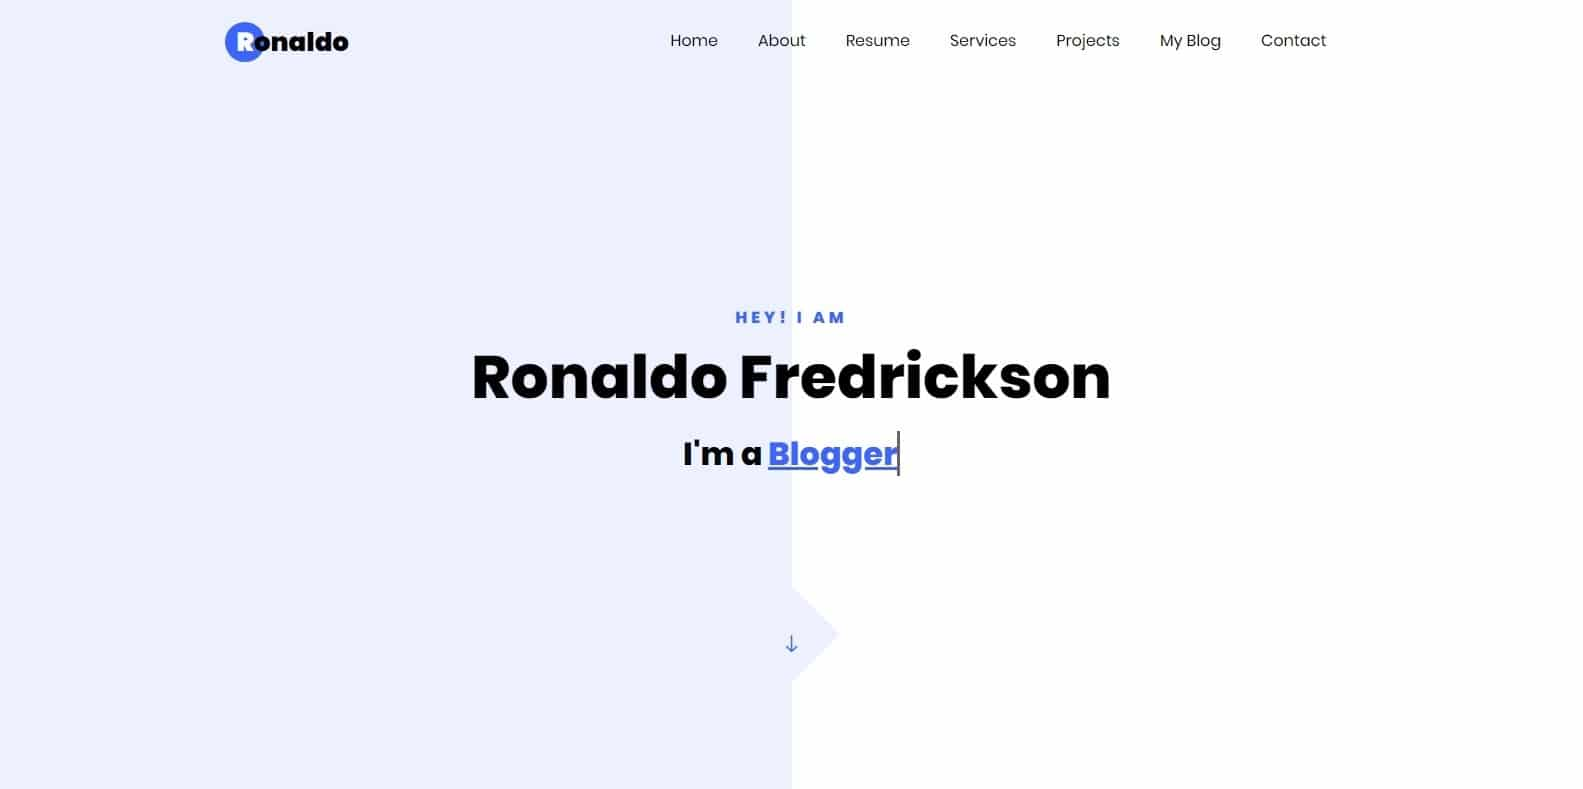 ronaldo-simple-website-template